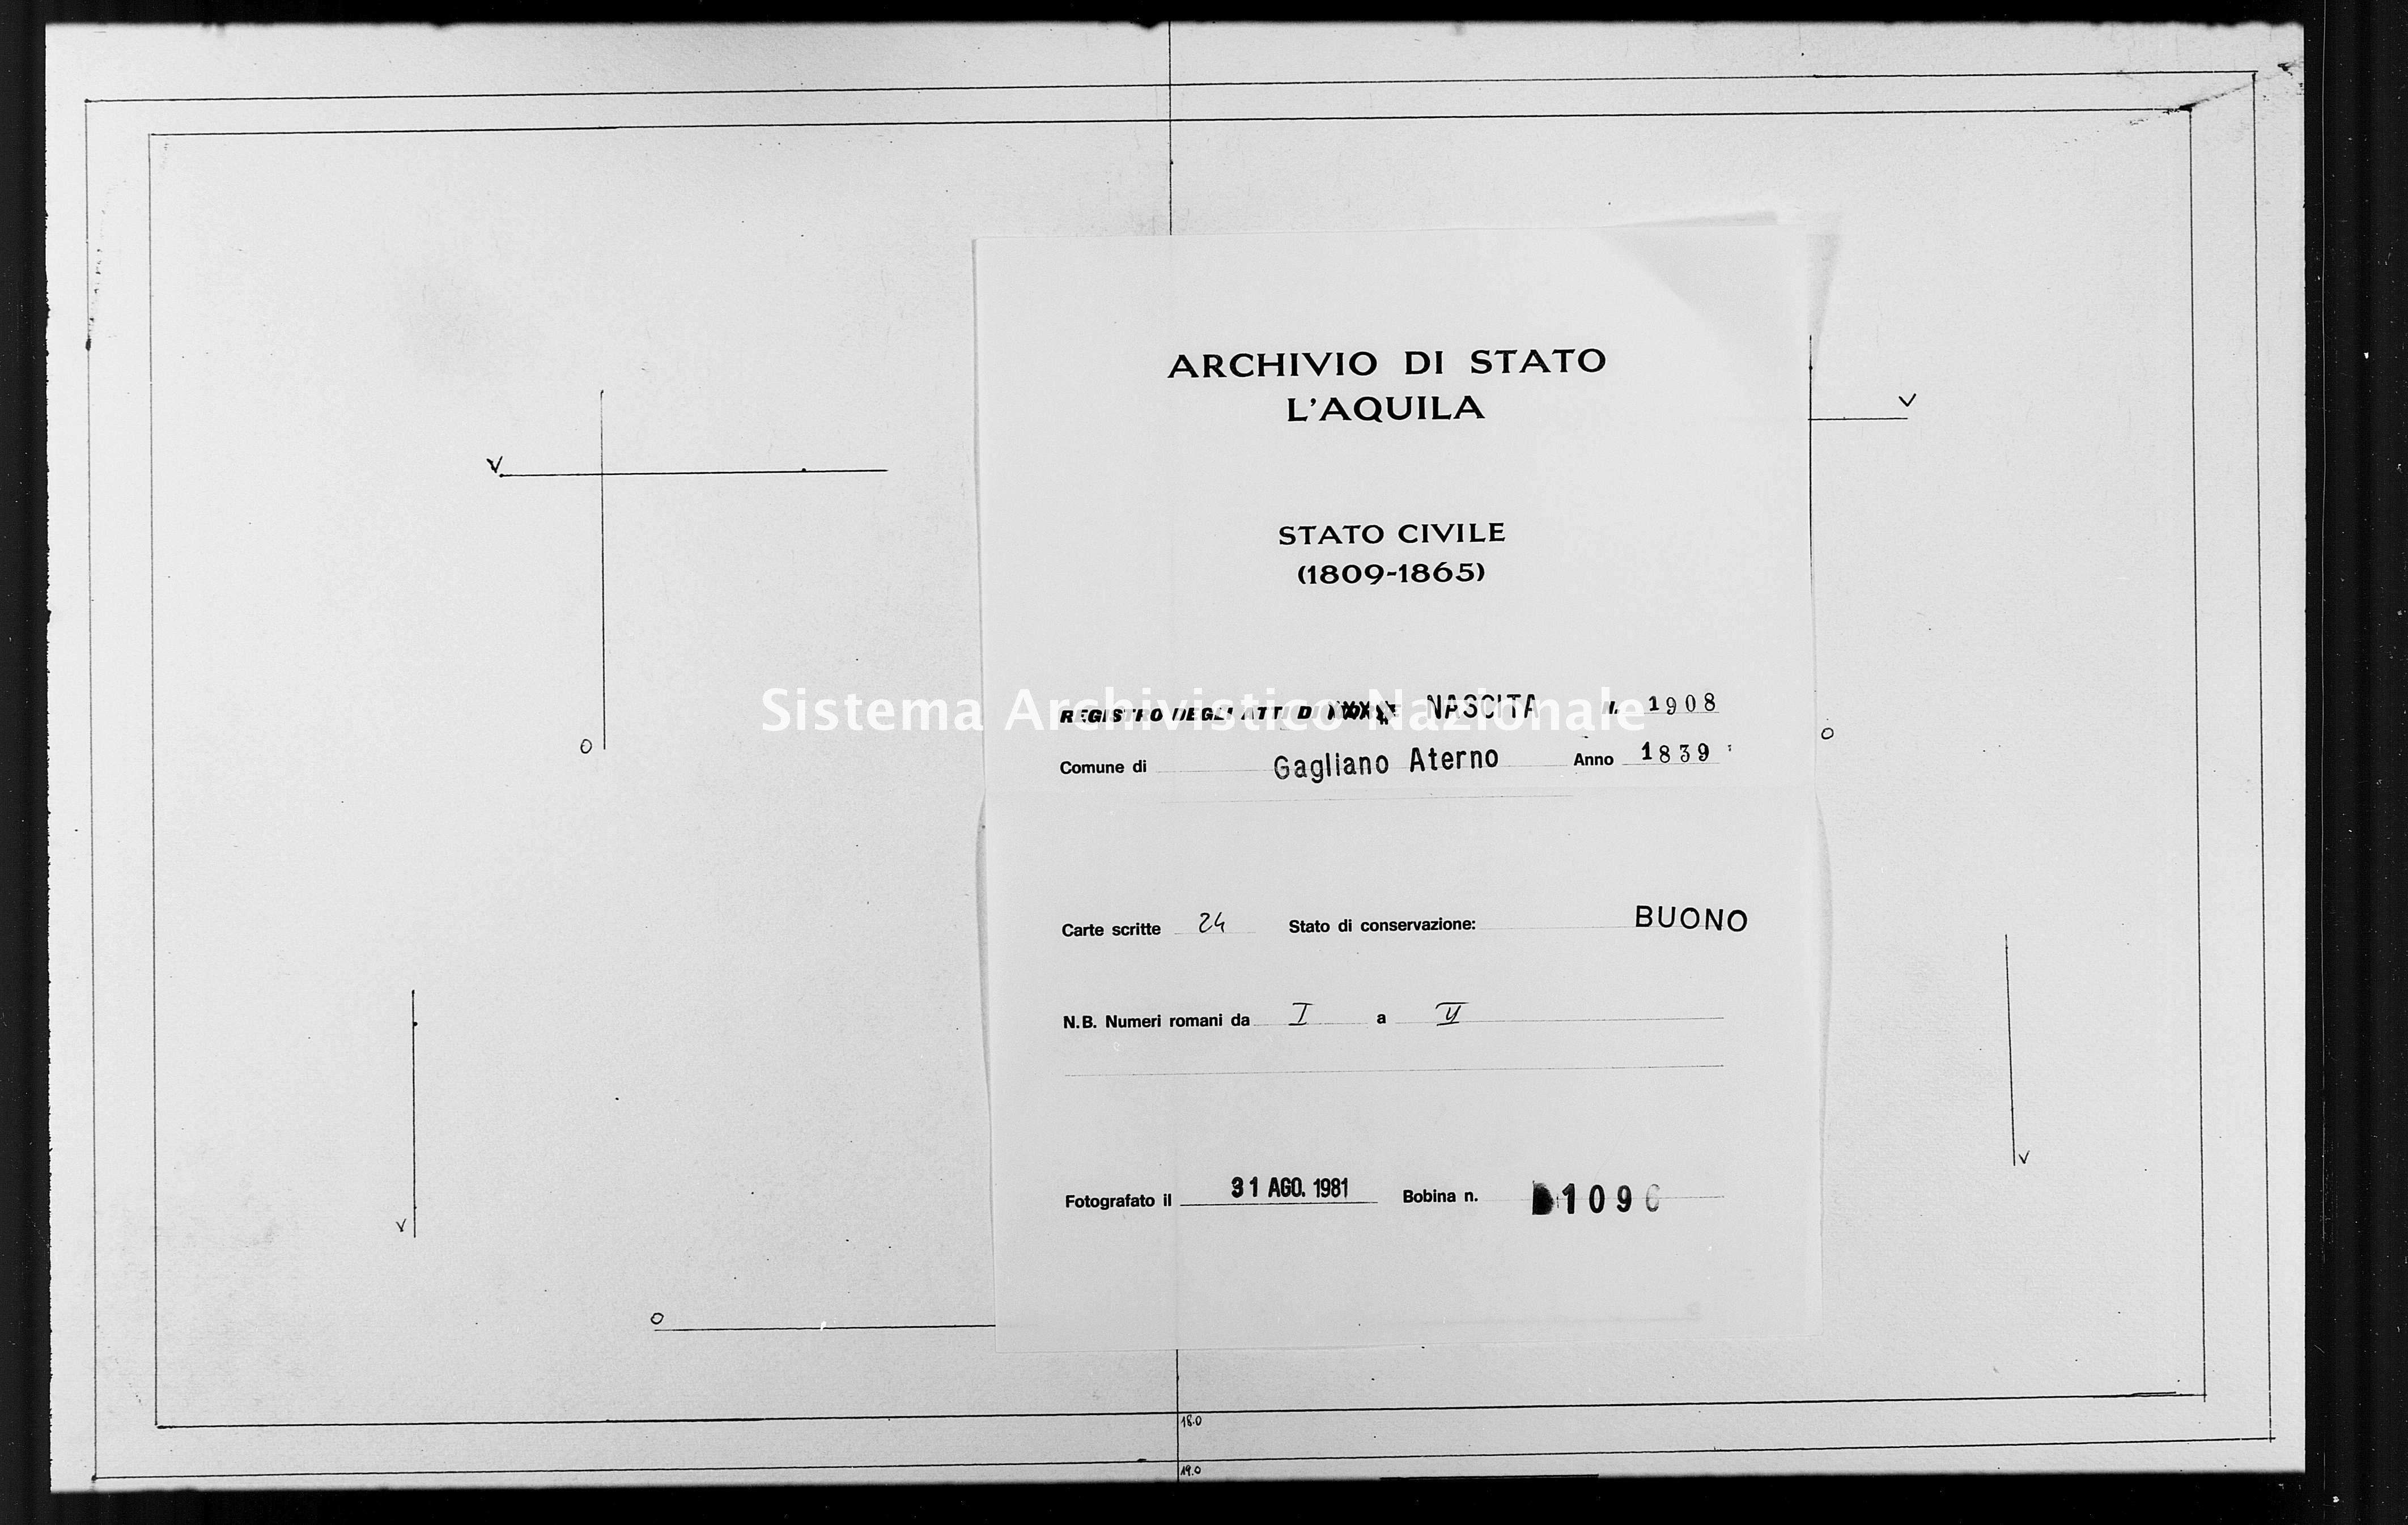 Archivio di stato di L'aquila - Stato civile della restaurazione - Gagliano Aterno - Nati - 1839 - 1908 -